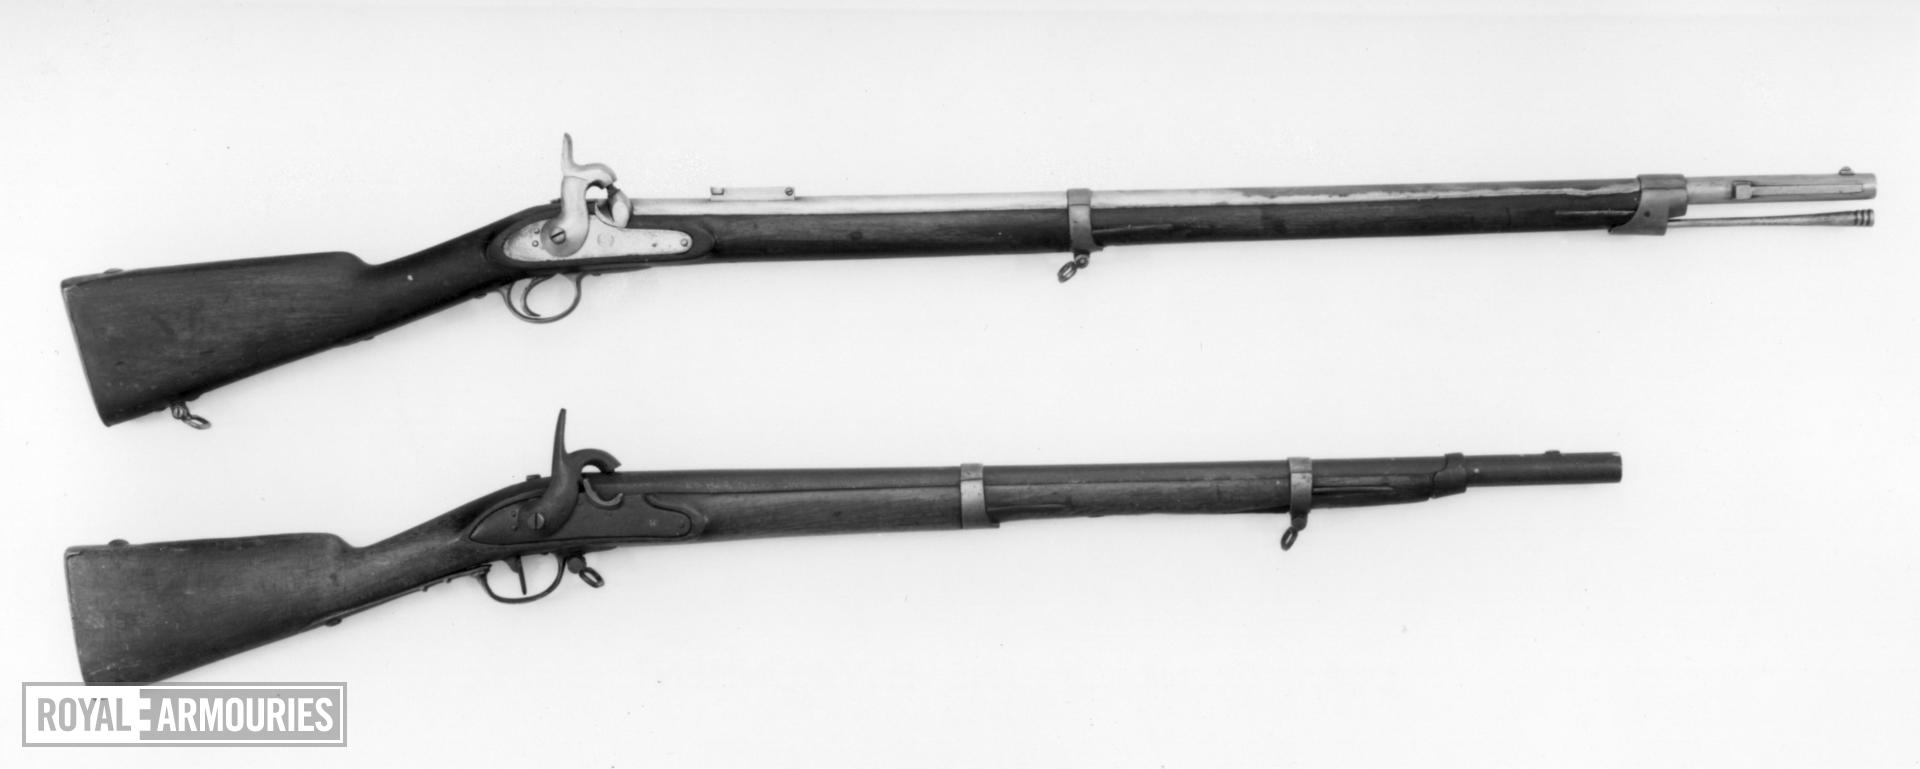 Percussion muzzle-loading military rifle